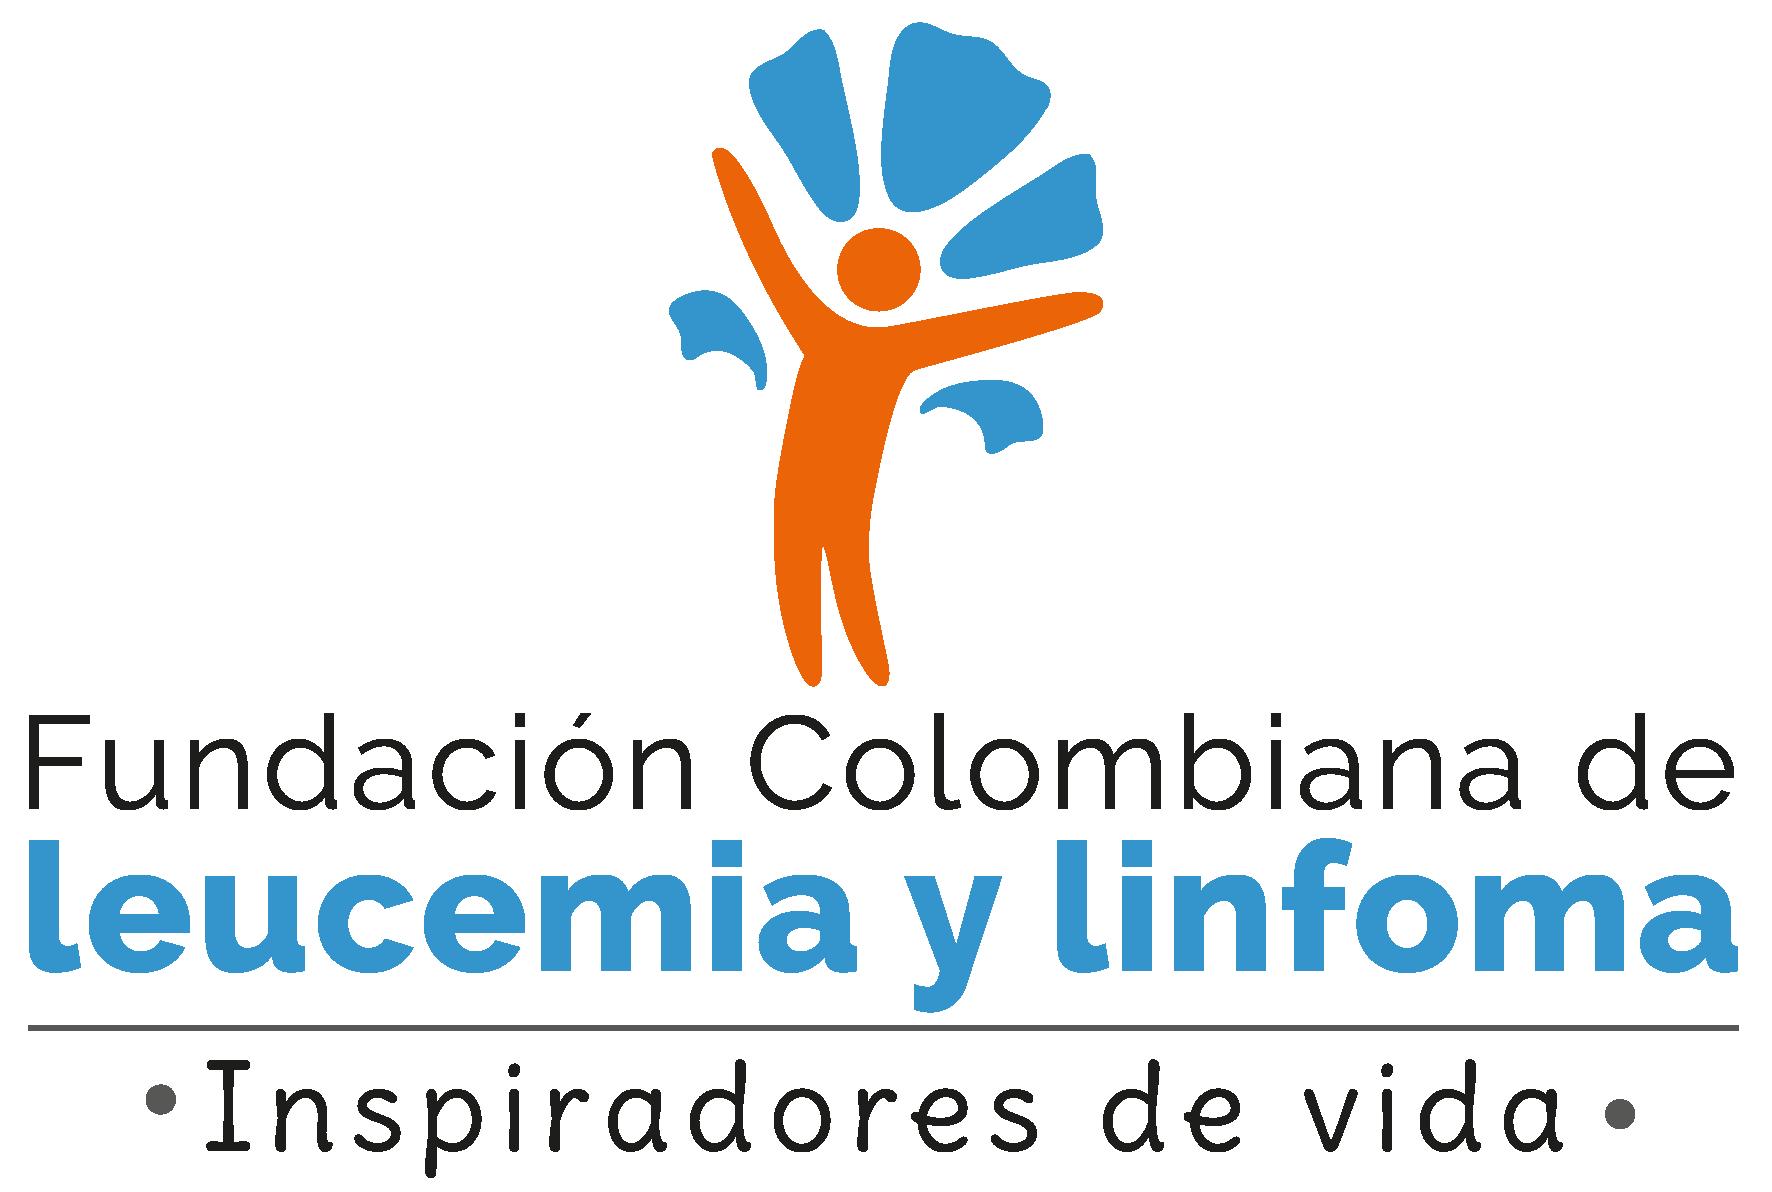 - ¿Qué hacen?: Ofrecen servicios de apoyo para pacientes que atraviesan un diagnóstico de cáncerUbicación: Bogotá, Colombia